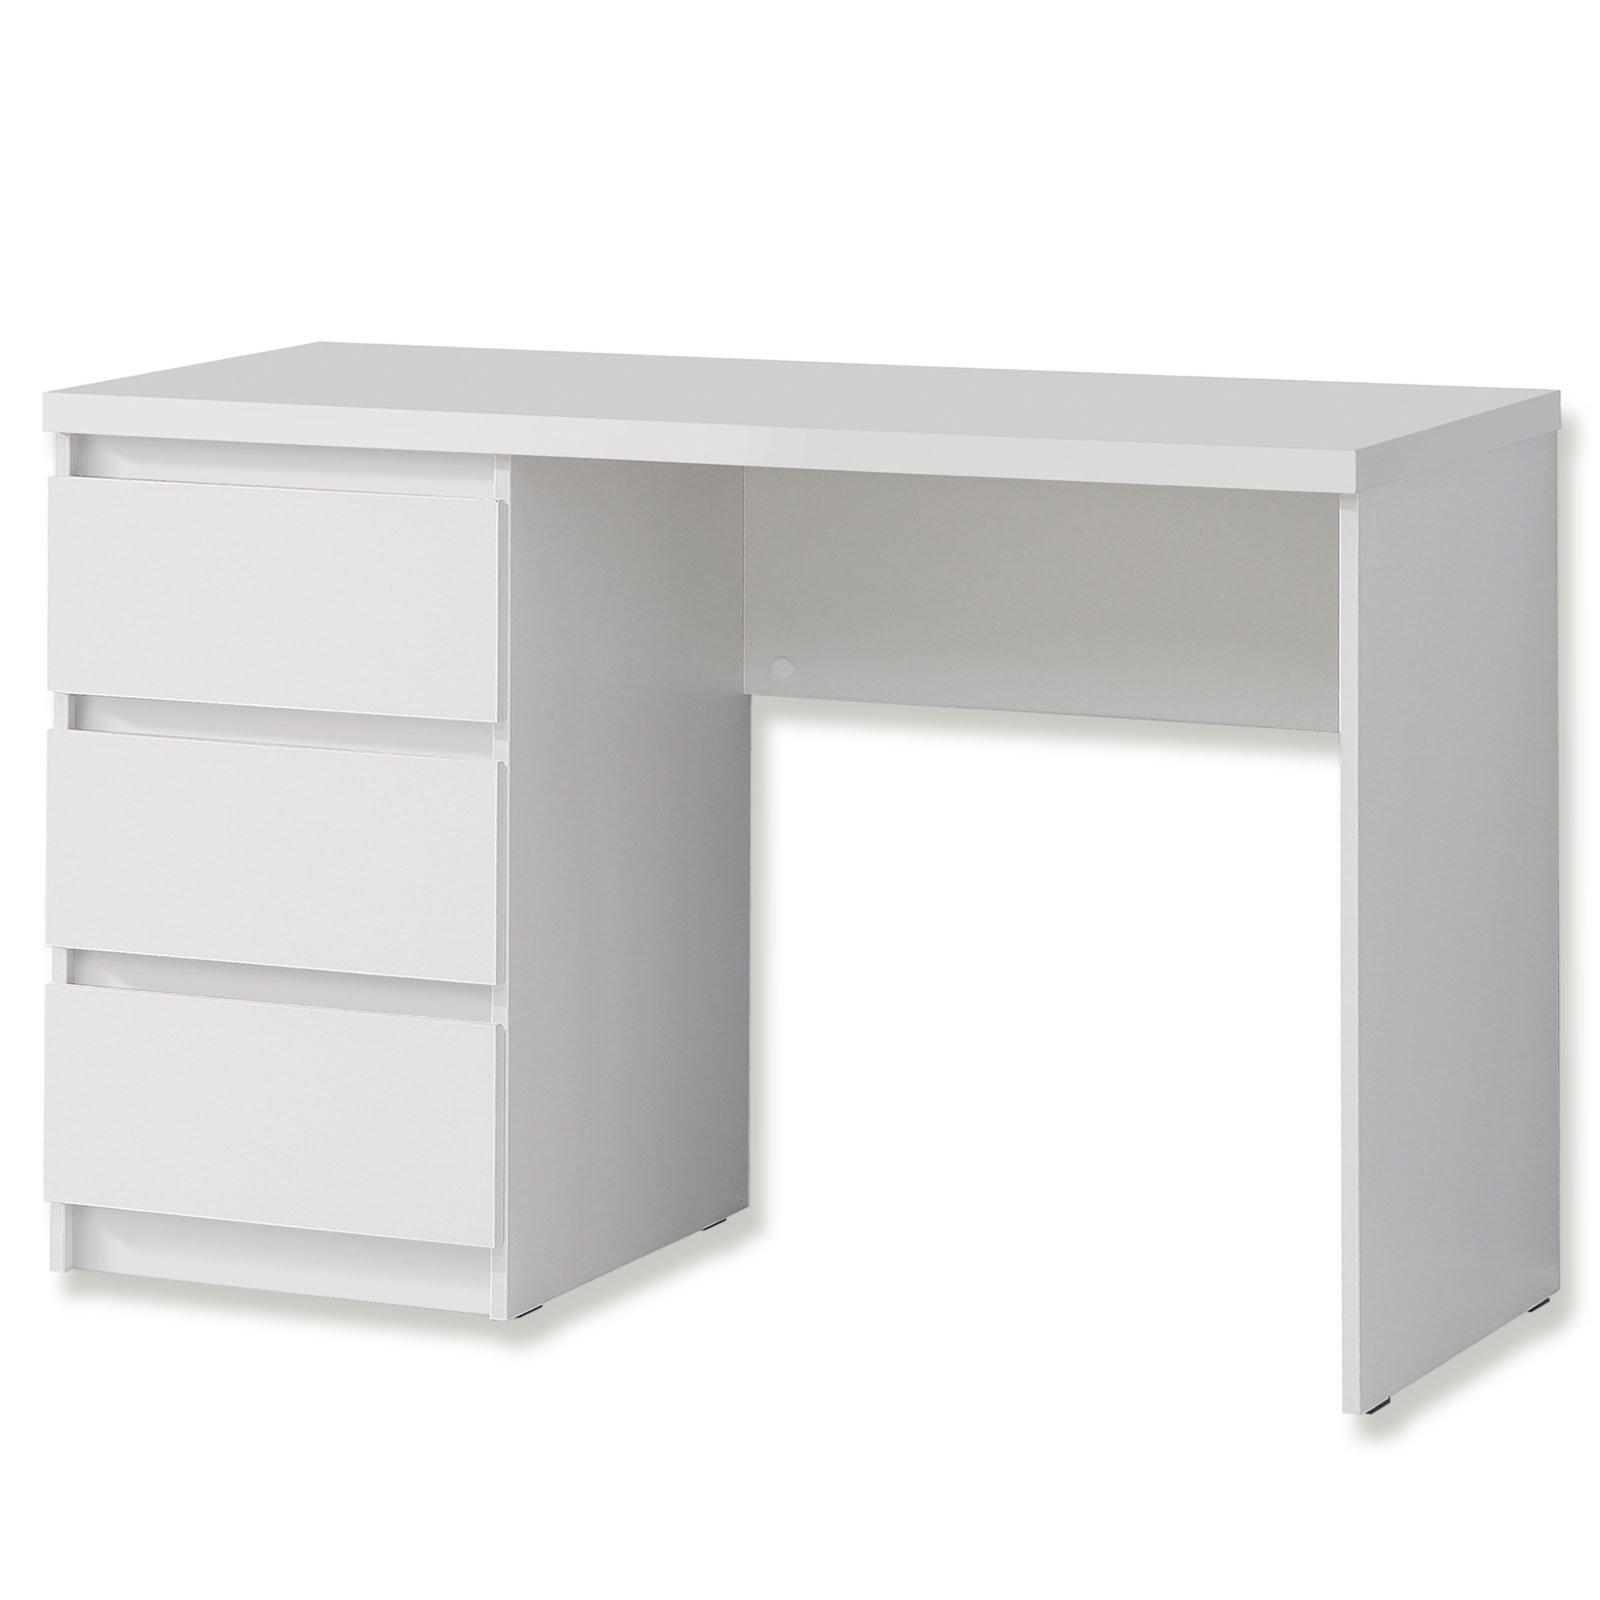 schreibtisch net106 wei matt 108 cm rechteckige schreibtische schreibtische m bel. Black Bedroom Furniture Sets. Home Design Ideas